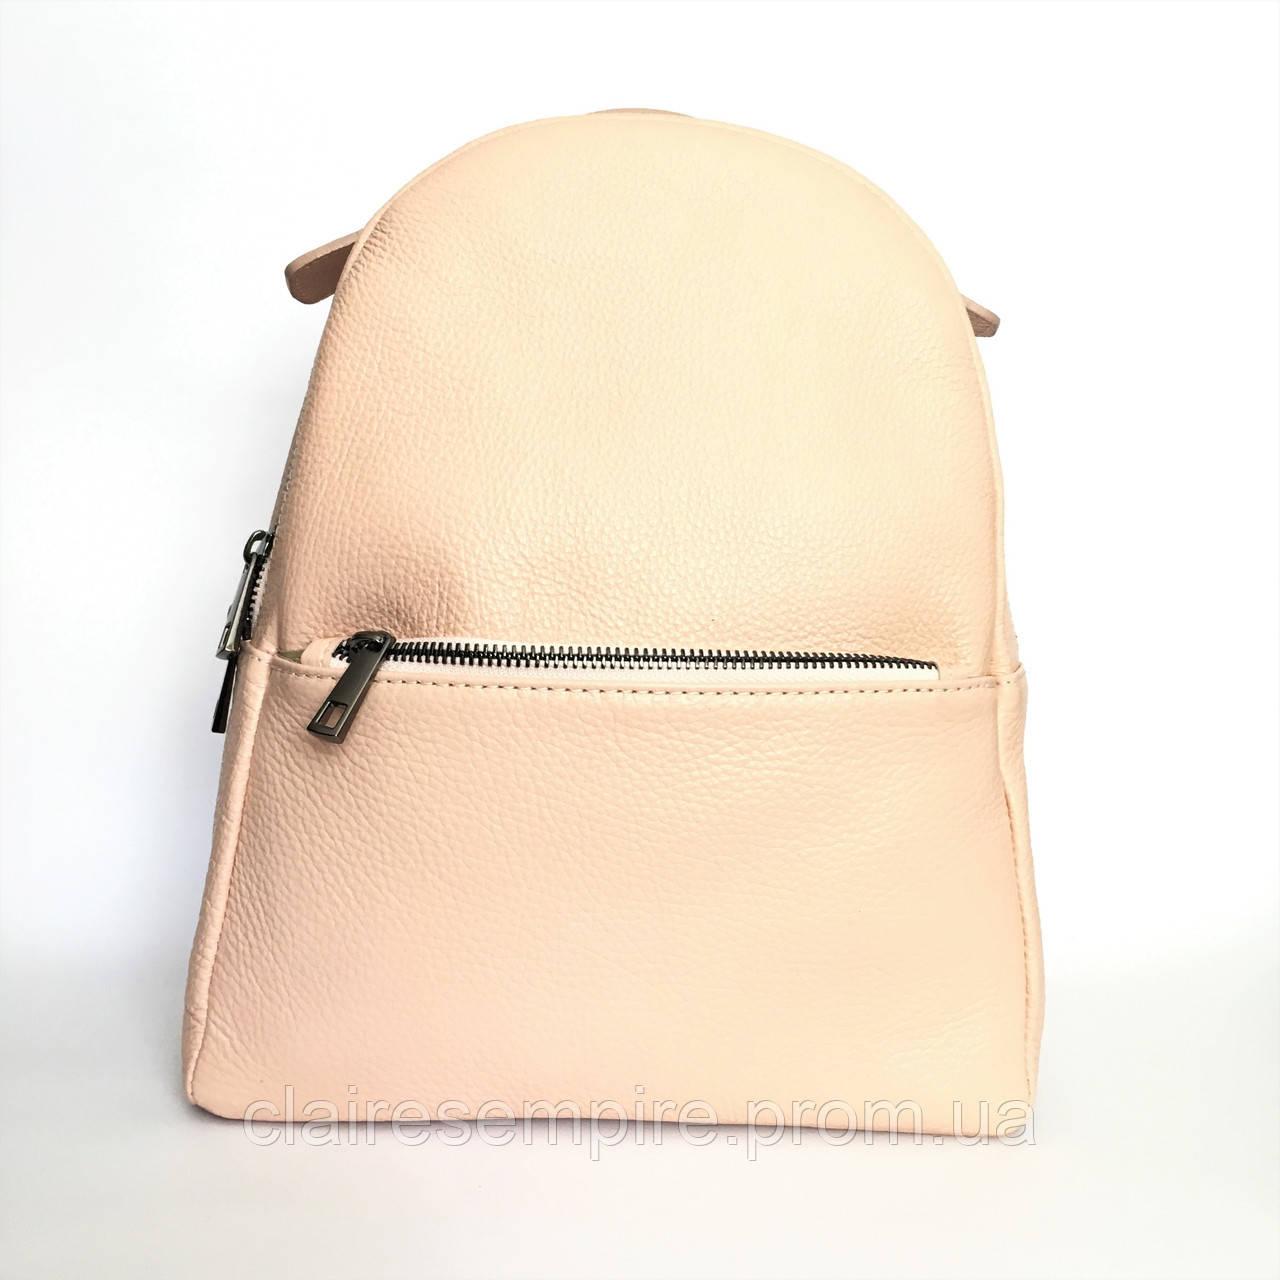 Рюкзак кожаный, Италия, пудра, цена 1 590 грн., купить Дніпро — Prom ... 61f492b5158